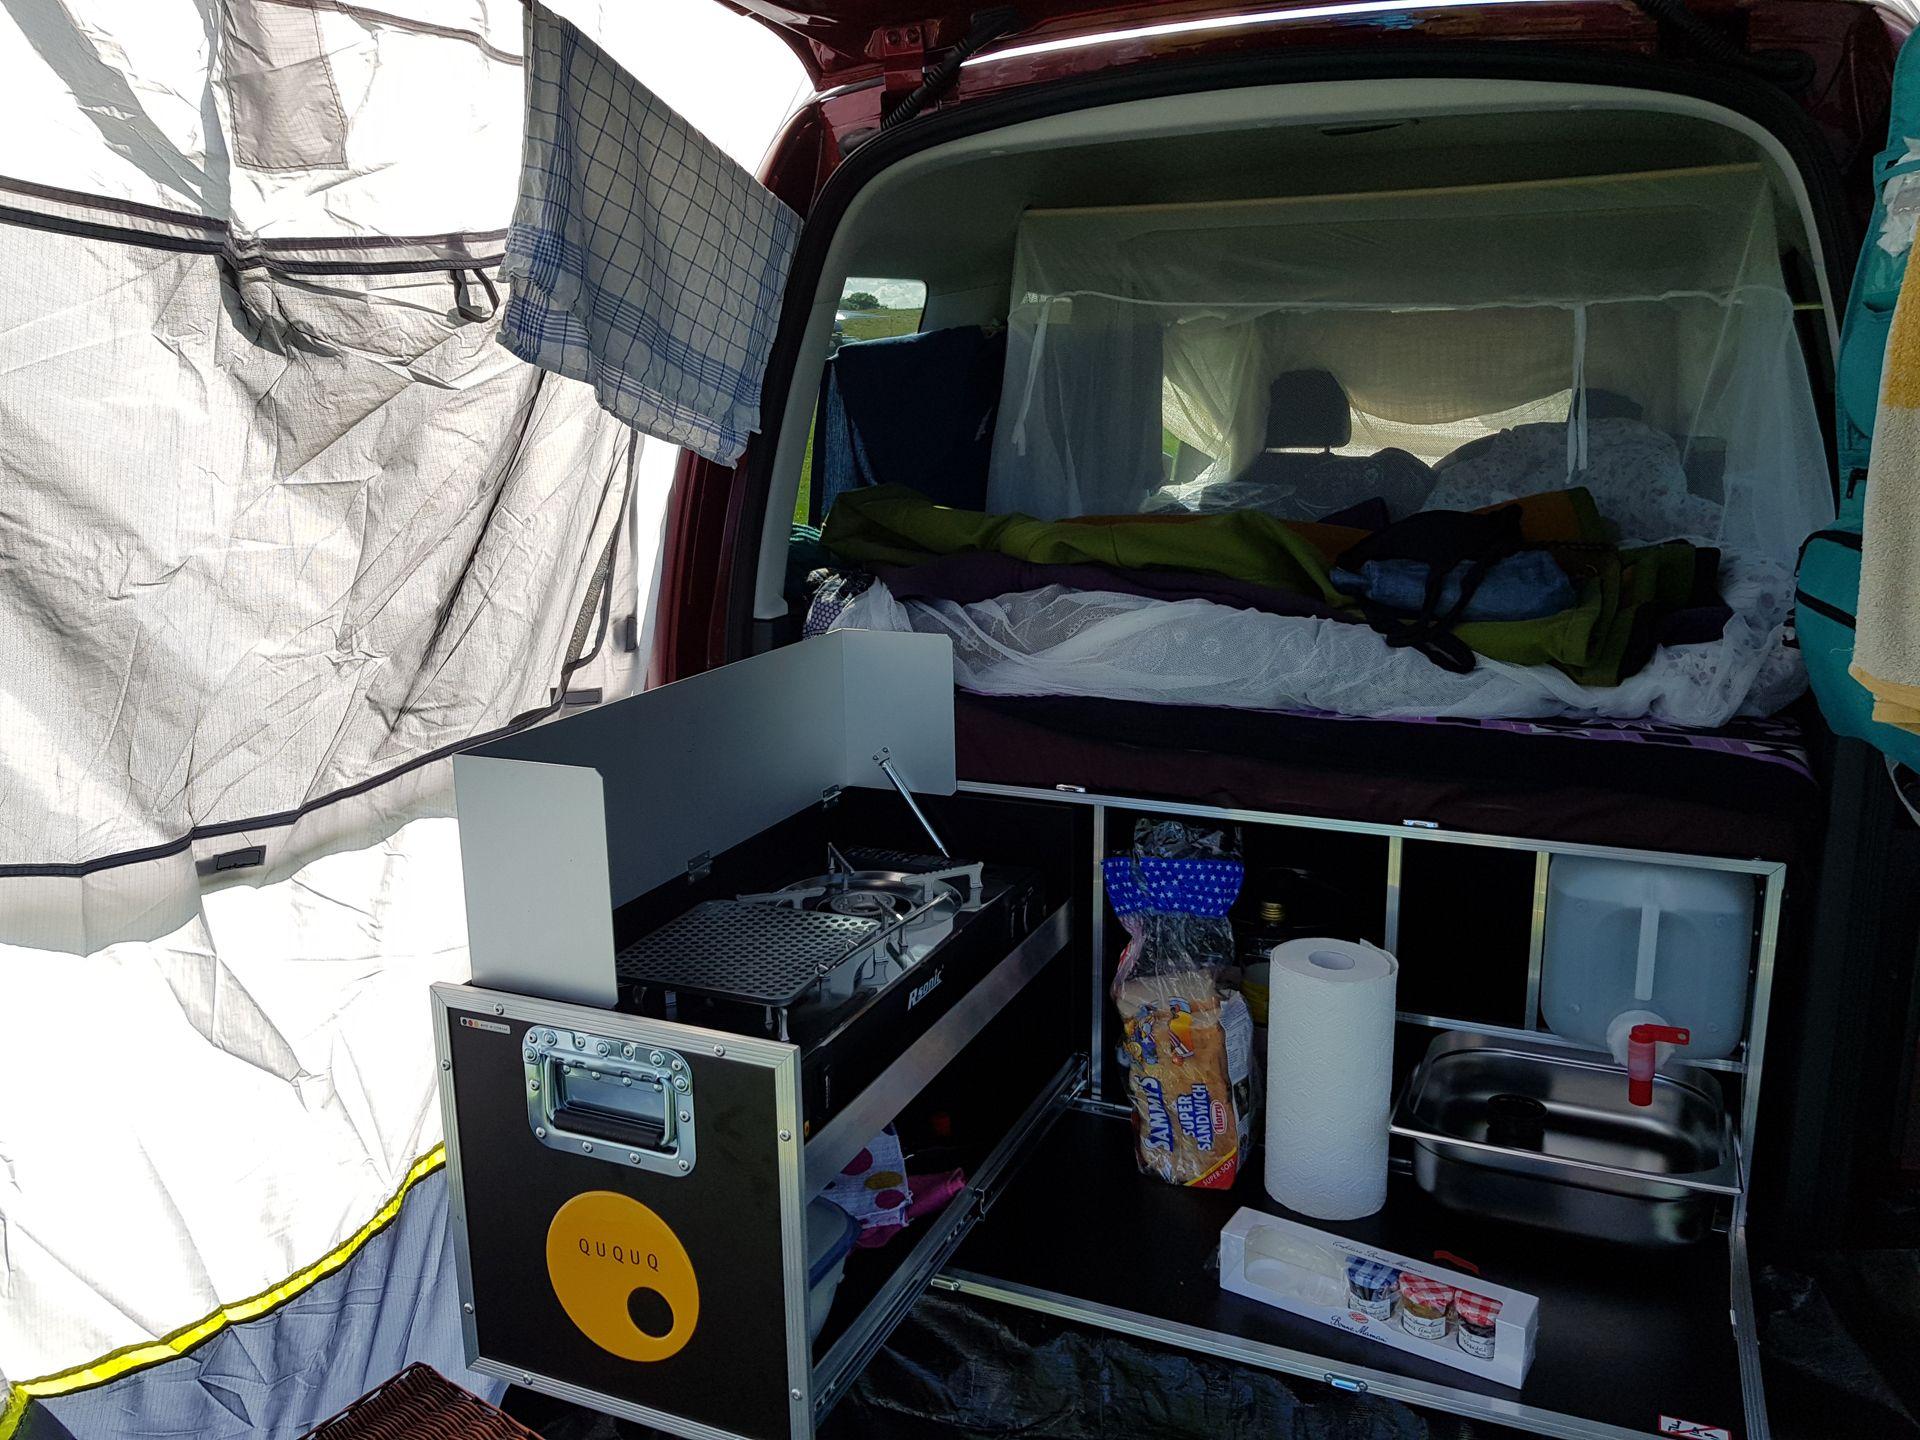 die ququq box f r den vw caddy im test vanarang de pinterest machst du sp lbecken und autos. Black Bedroom Furniture Sets. Home Design Ideas